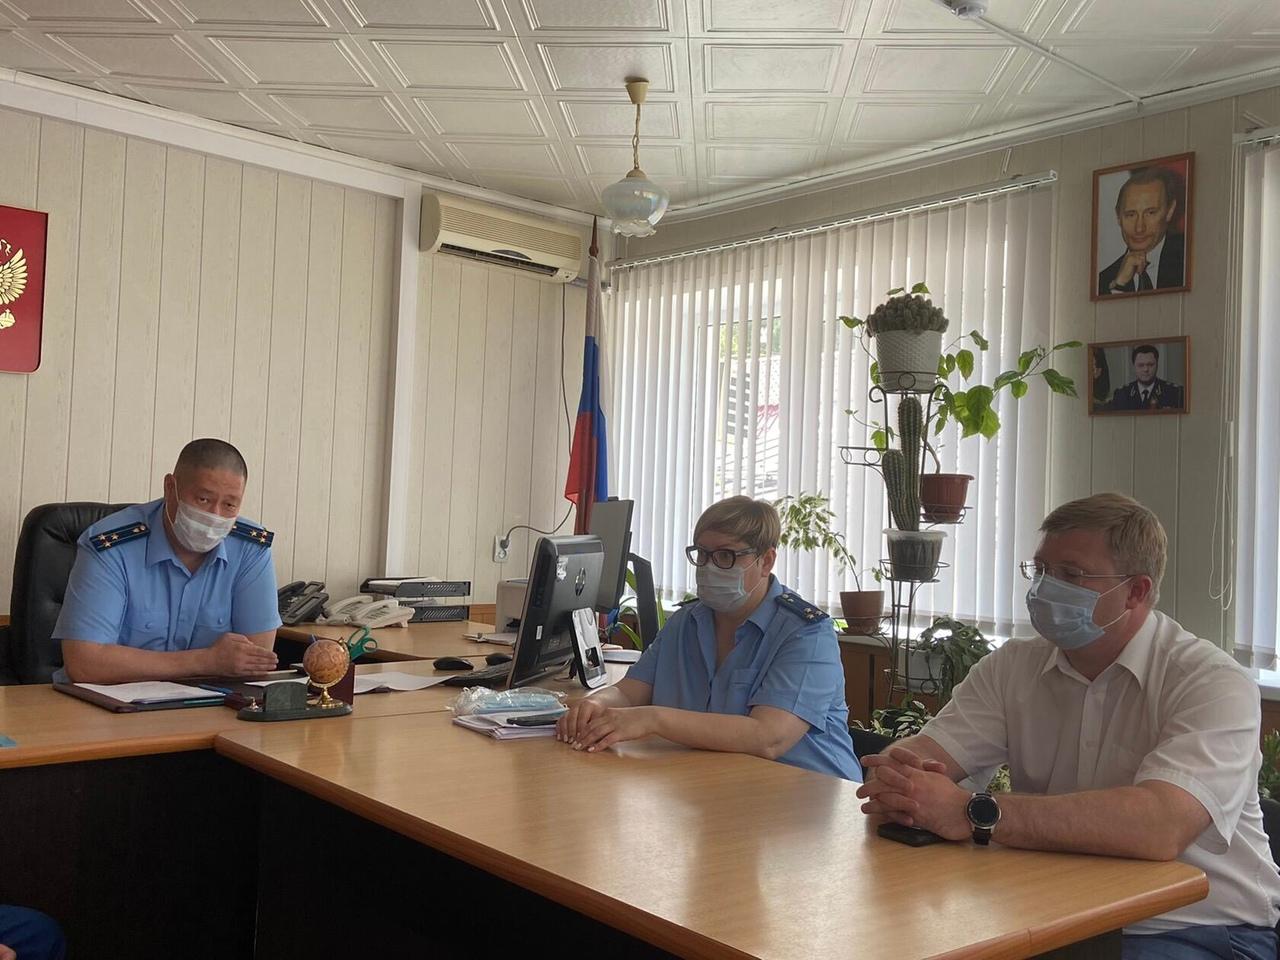 Коллективу Петровской межрайонной прокуратуры представили нового прокурора - старшего советника юстиции Ольгу Панфёрову